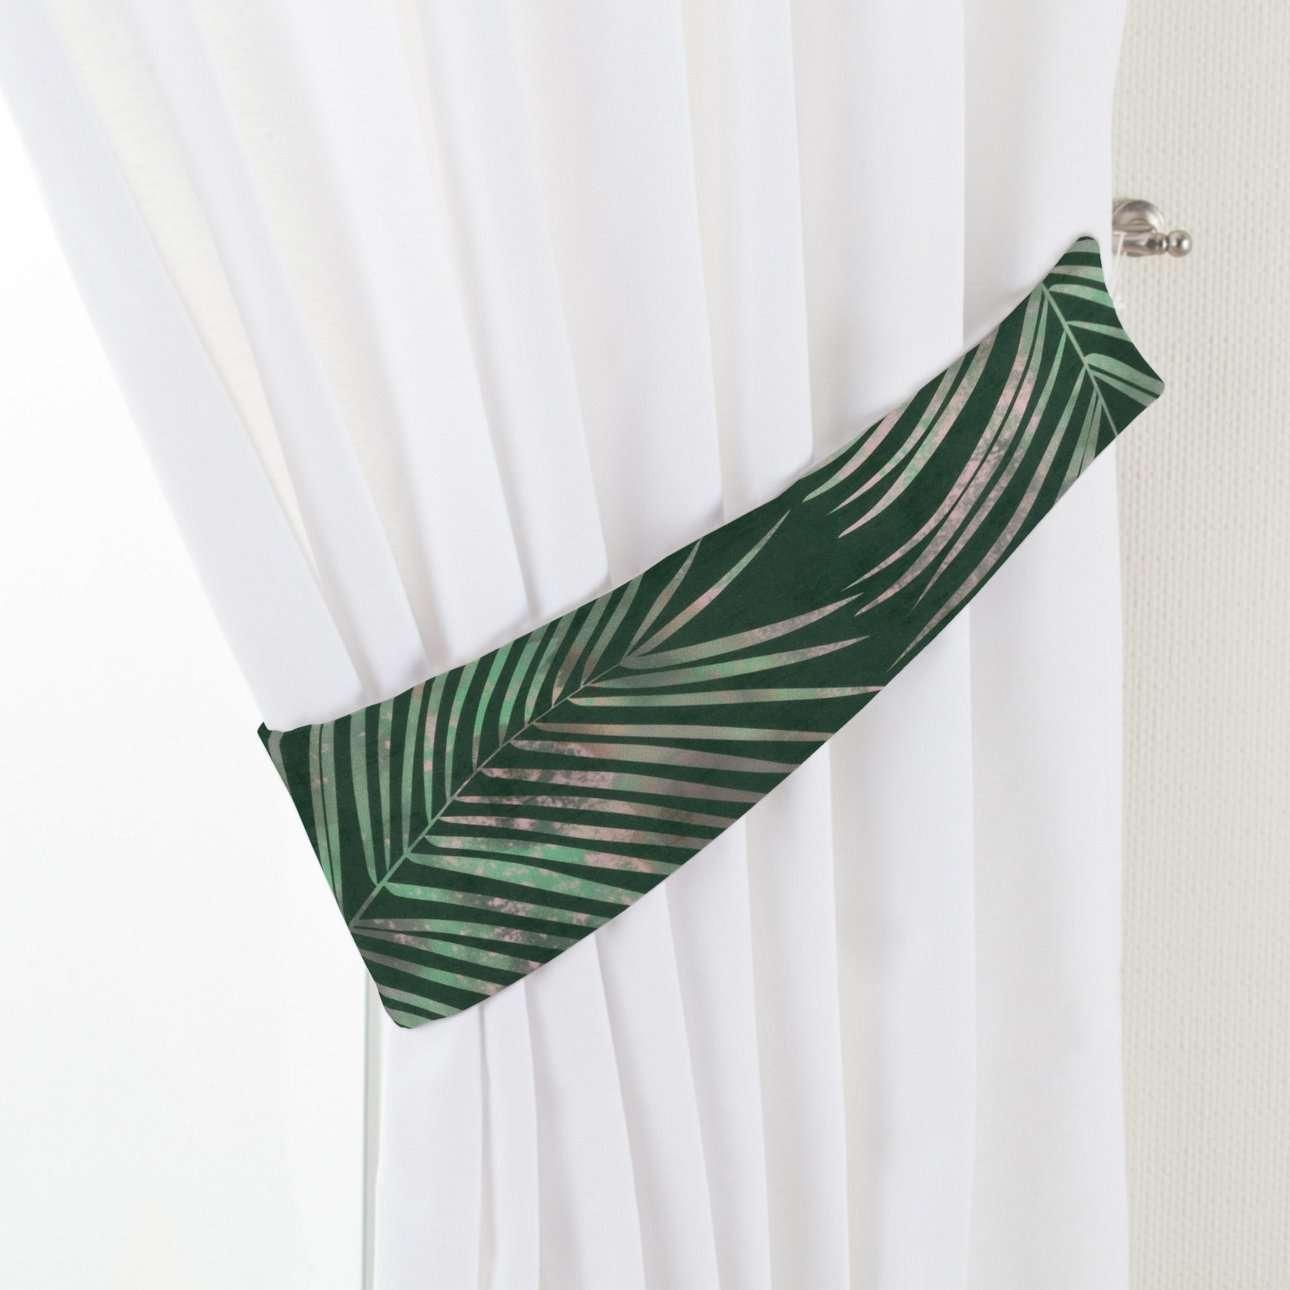 Raffhalter Victoria, grün, 12 × 70 cm, Velvet | Heimtextilien > Gardinen und Vorhänge > Raffhalter | Dekoria